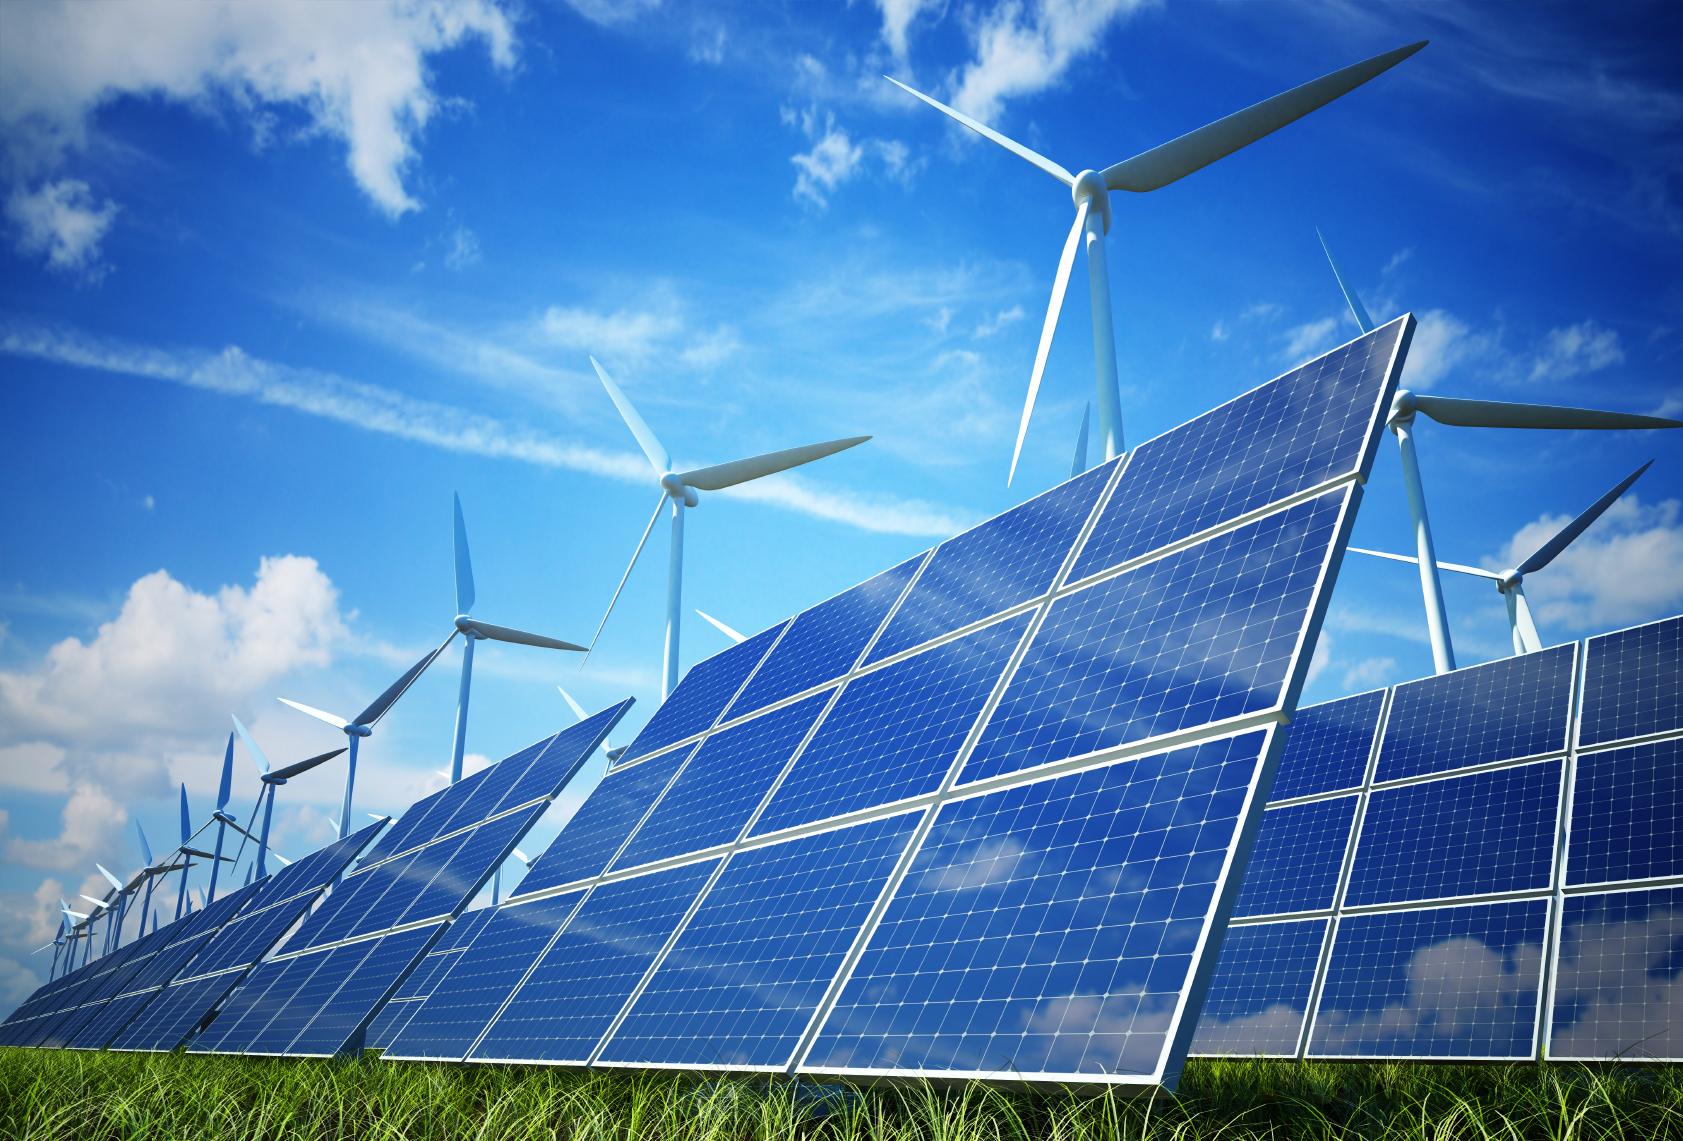 Avantages et inconvénients des 5 types d'énergies renouvelables